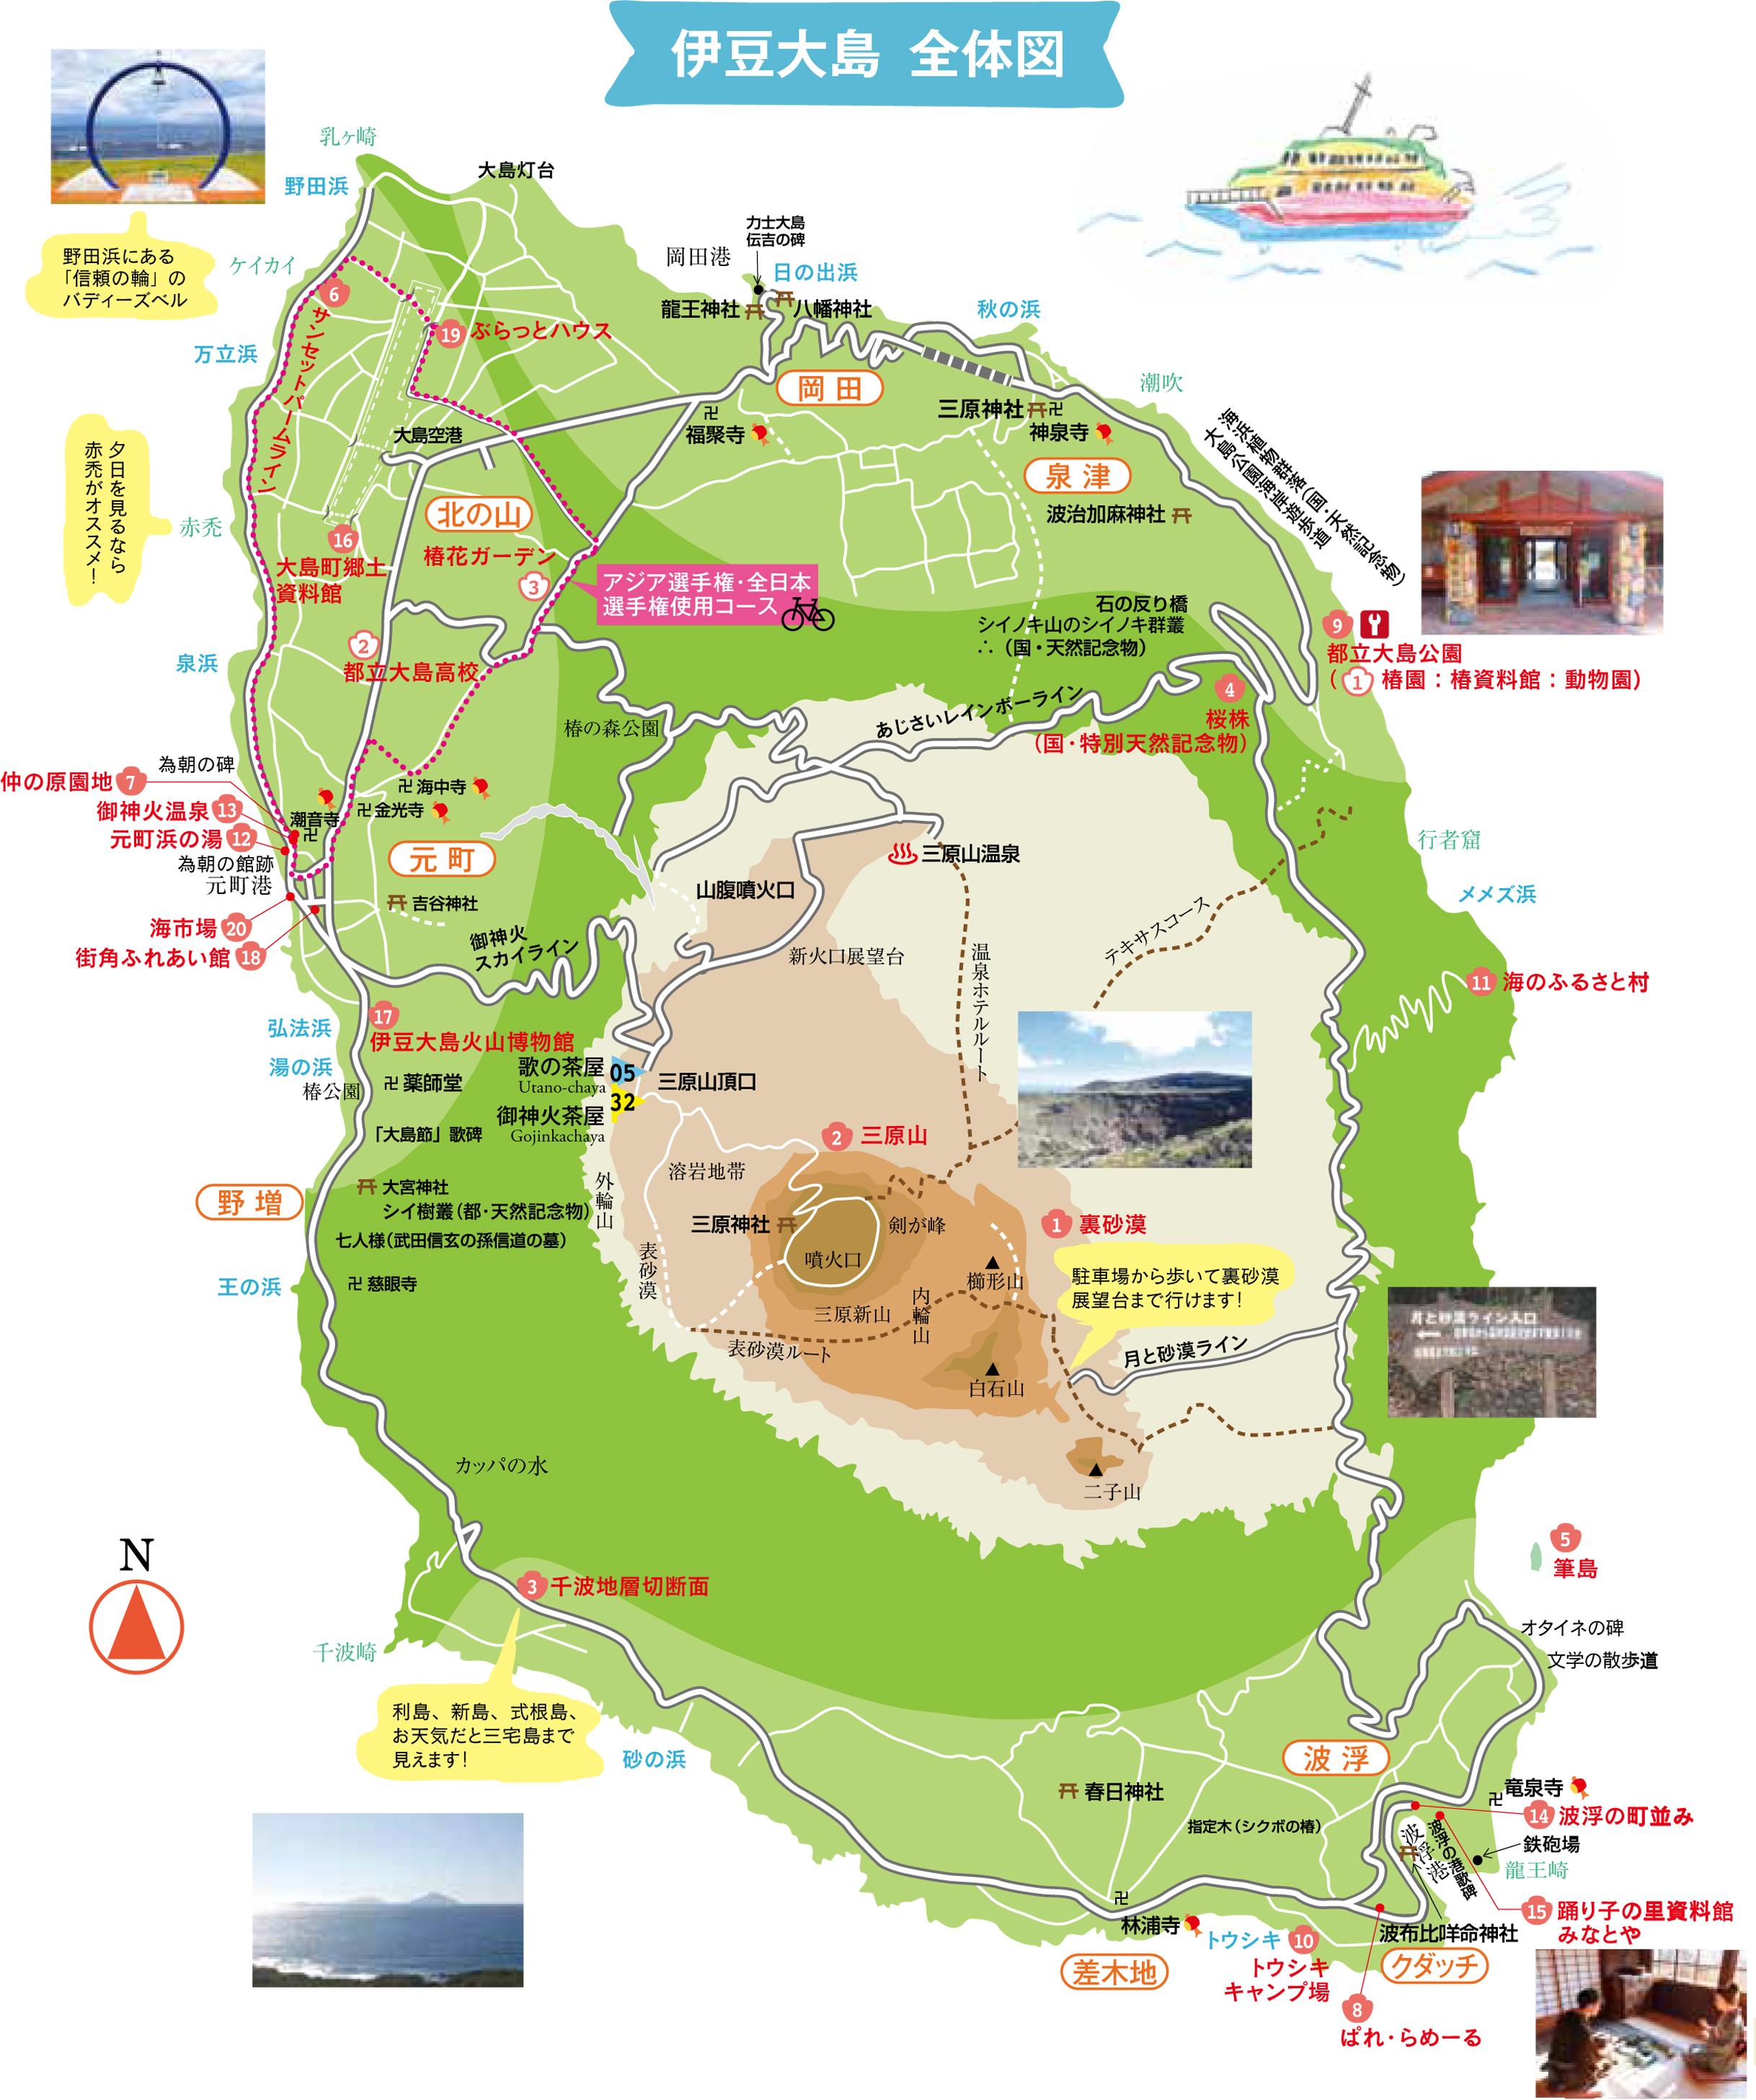 伊豆大島のガイドマップ